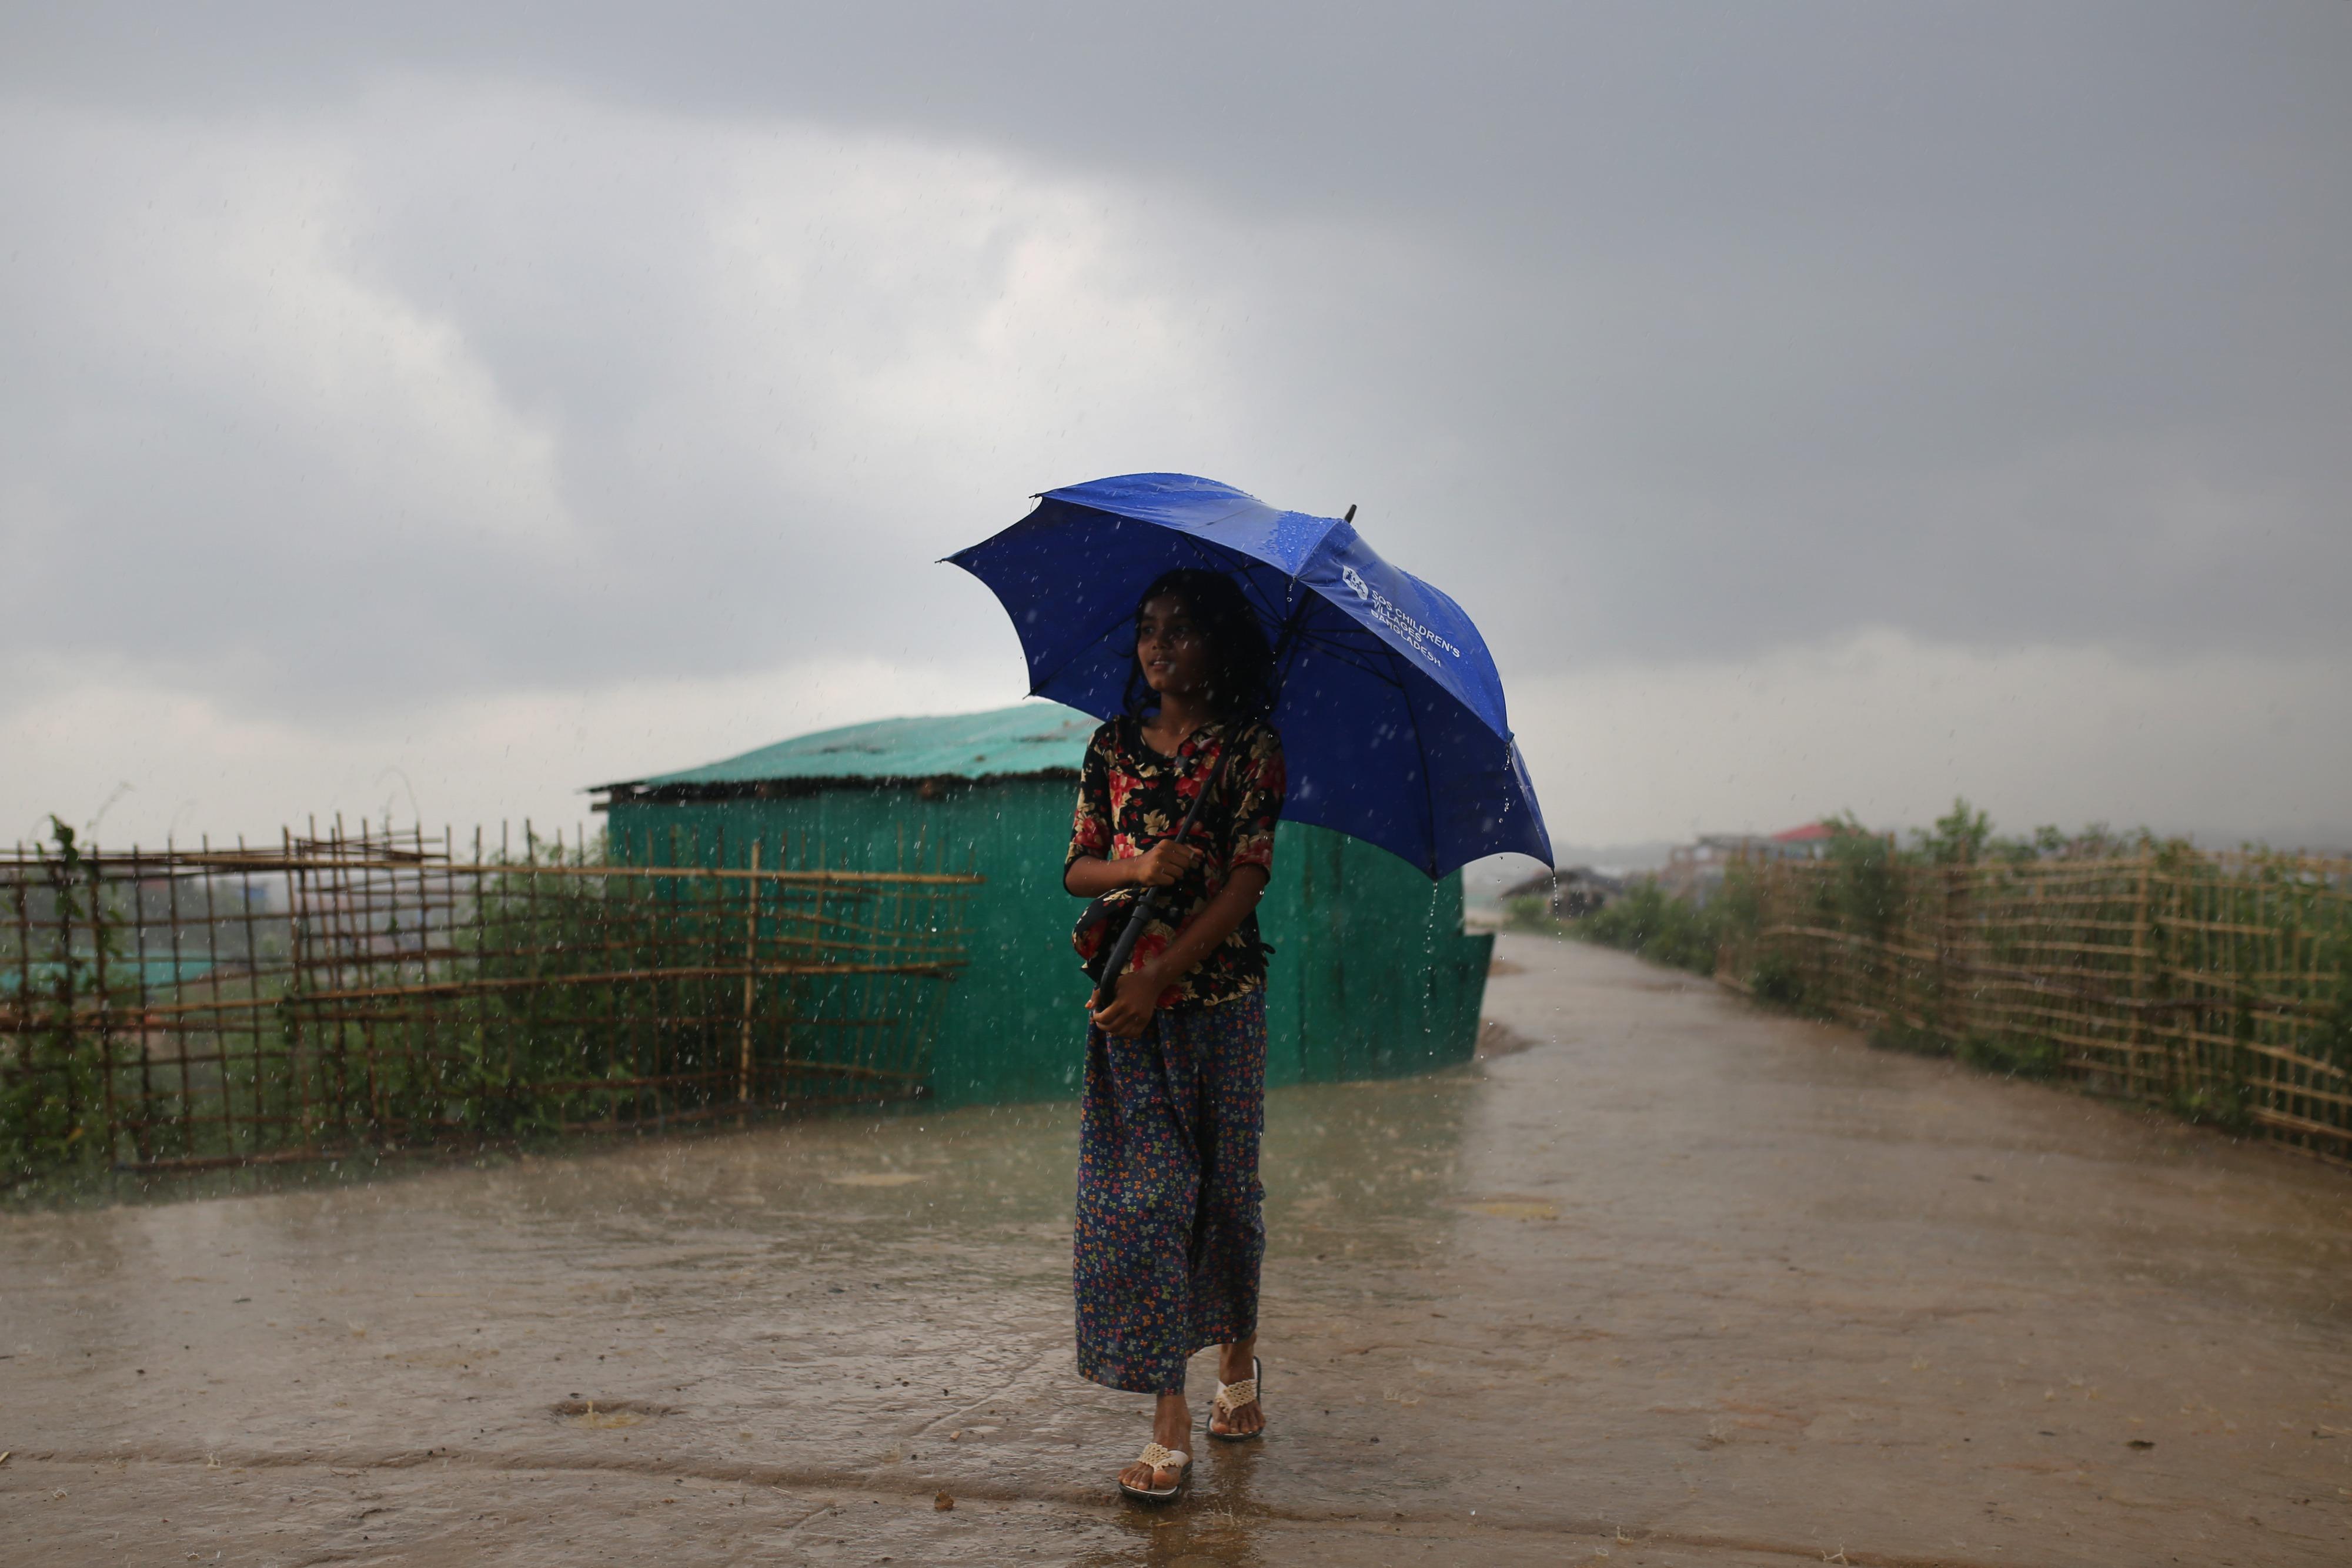 Pluies torrentielles dans les camps de réfugiés pour les Rohingyas au Bangladesh. L'eau stagnante laissée par les inondations favorise la propagation de la dengue.